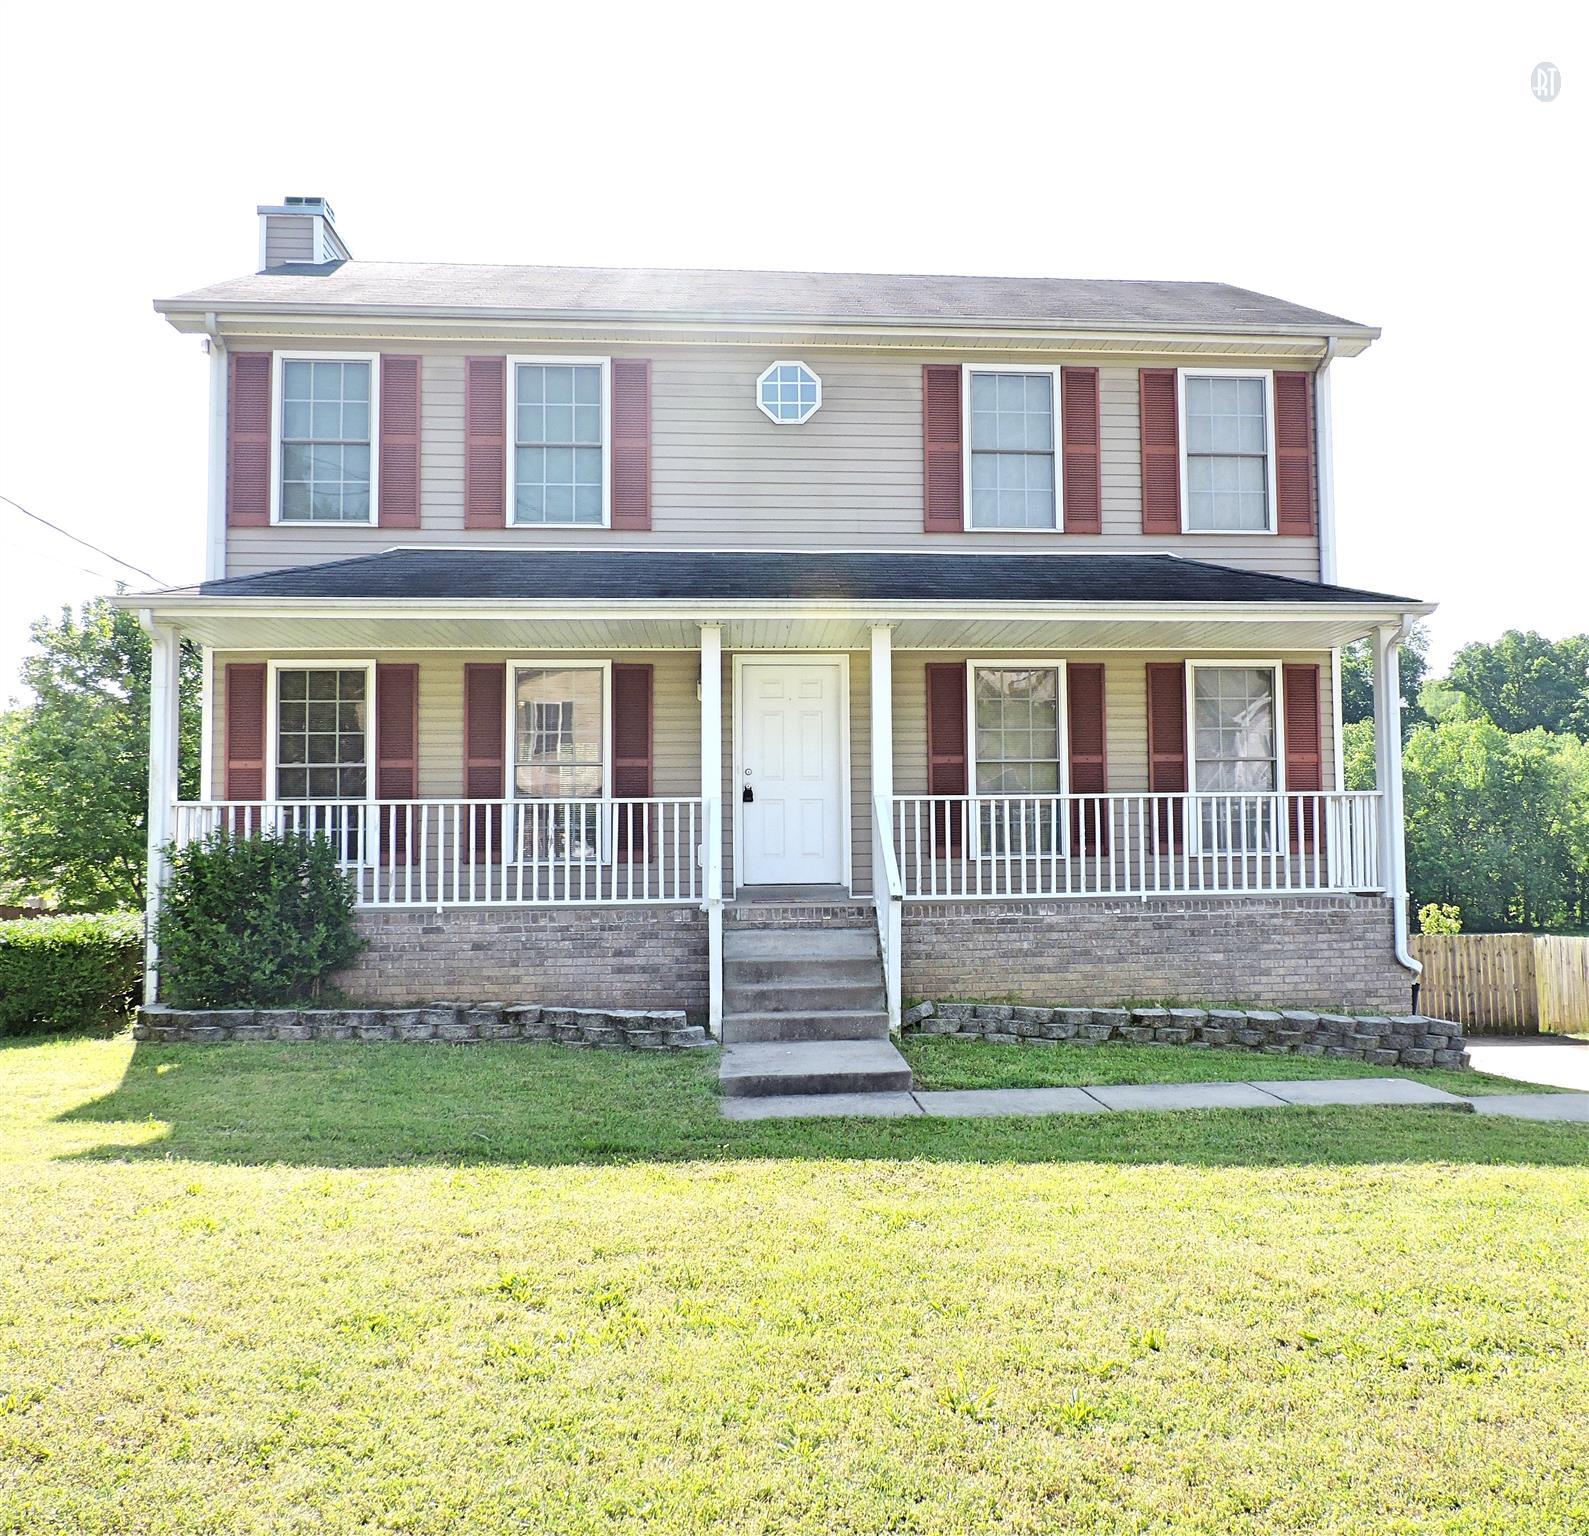 968 Garfield Way, Clarksville, TN 37042